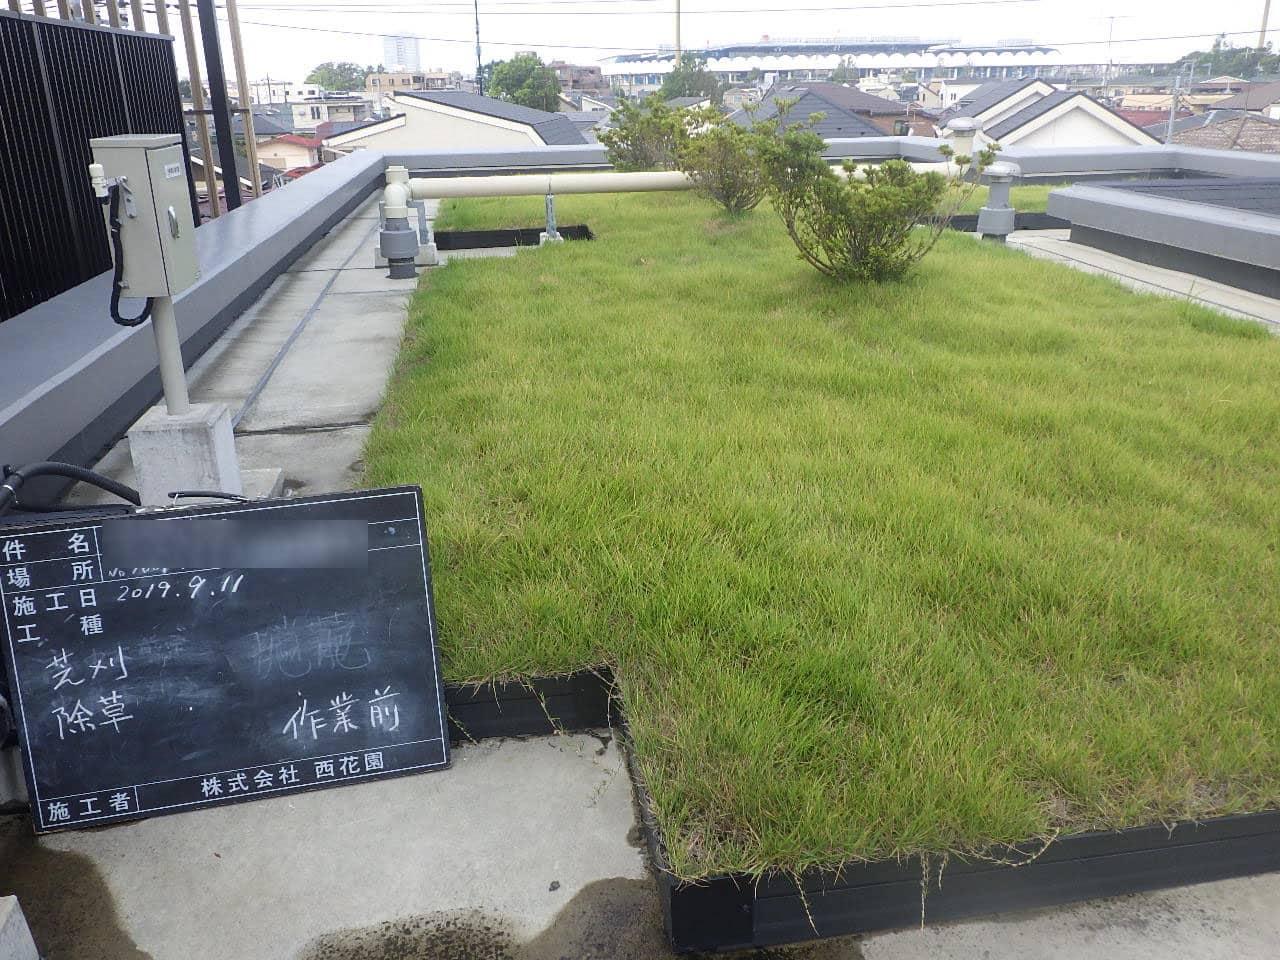 屋上芝刈り | 株式会社西花園導入実績